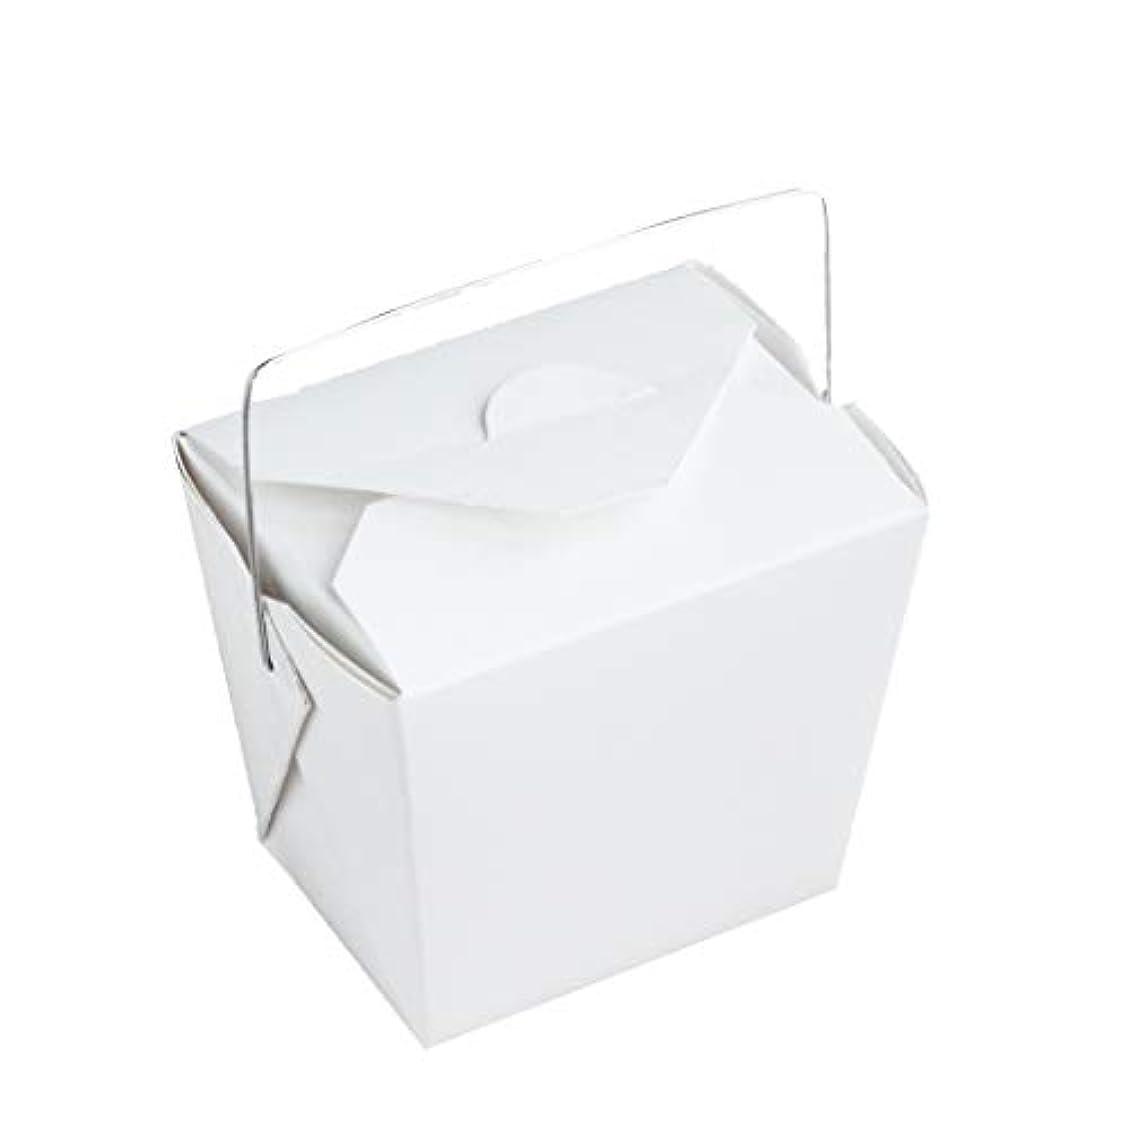 対処するブルーベルフリース手作り石けん用 ワイヤー取っ手付きホワイトペーパー型 10個